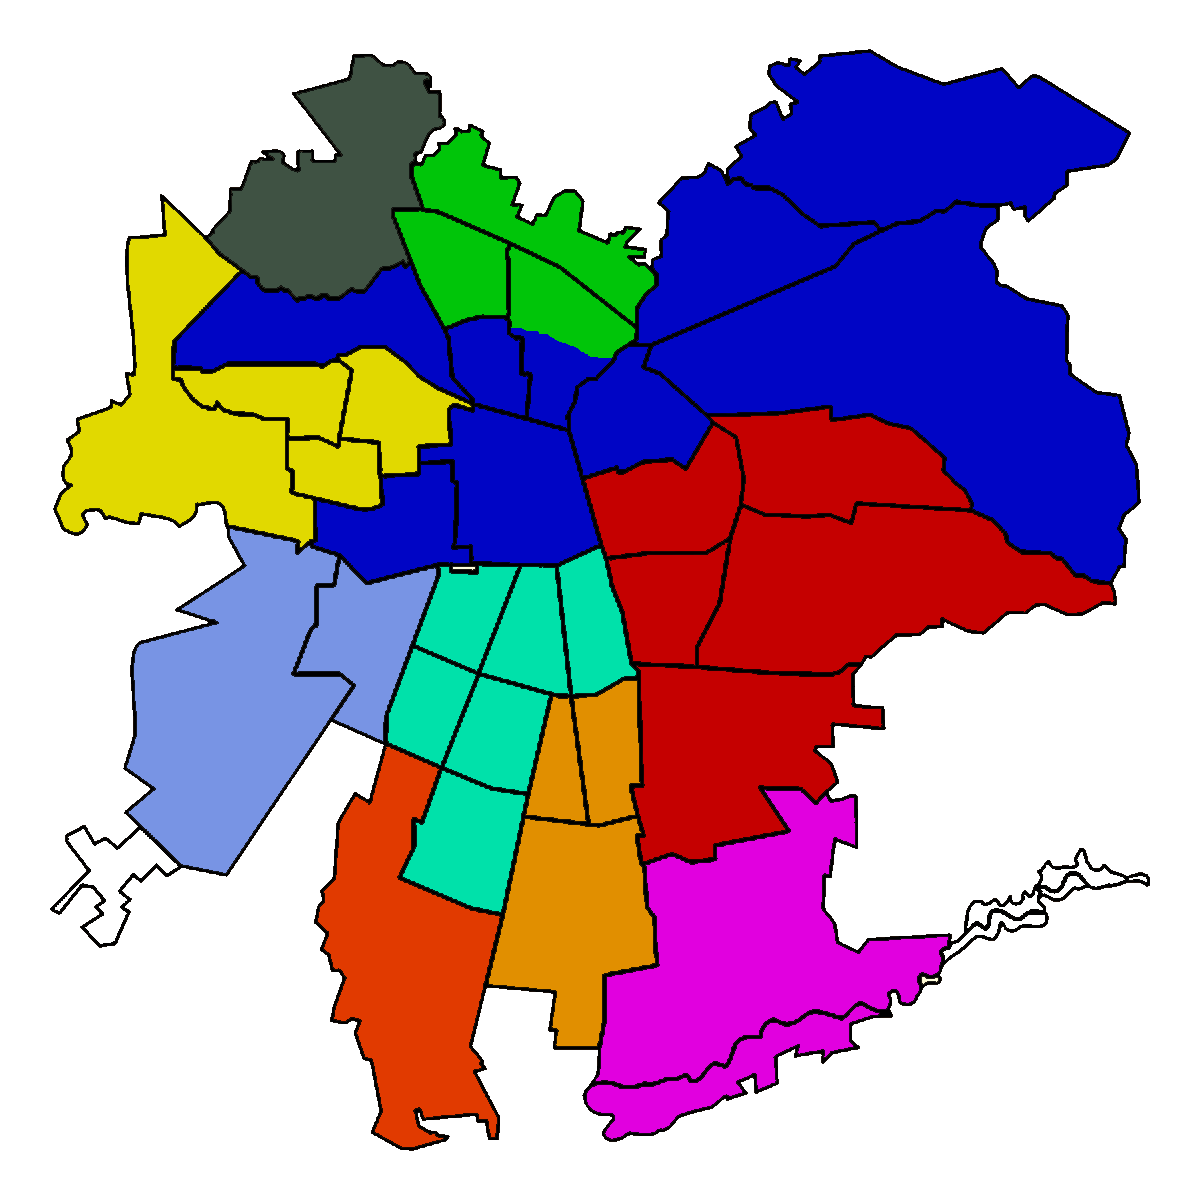 mapa santiago Archivo:Mapa Cuerpos de Bomberos, ciudad de Santiago de Chile.png  mapa santiago